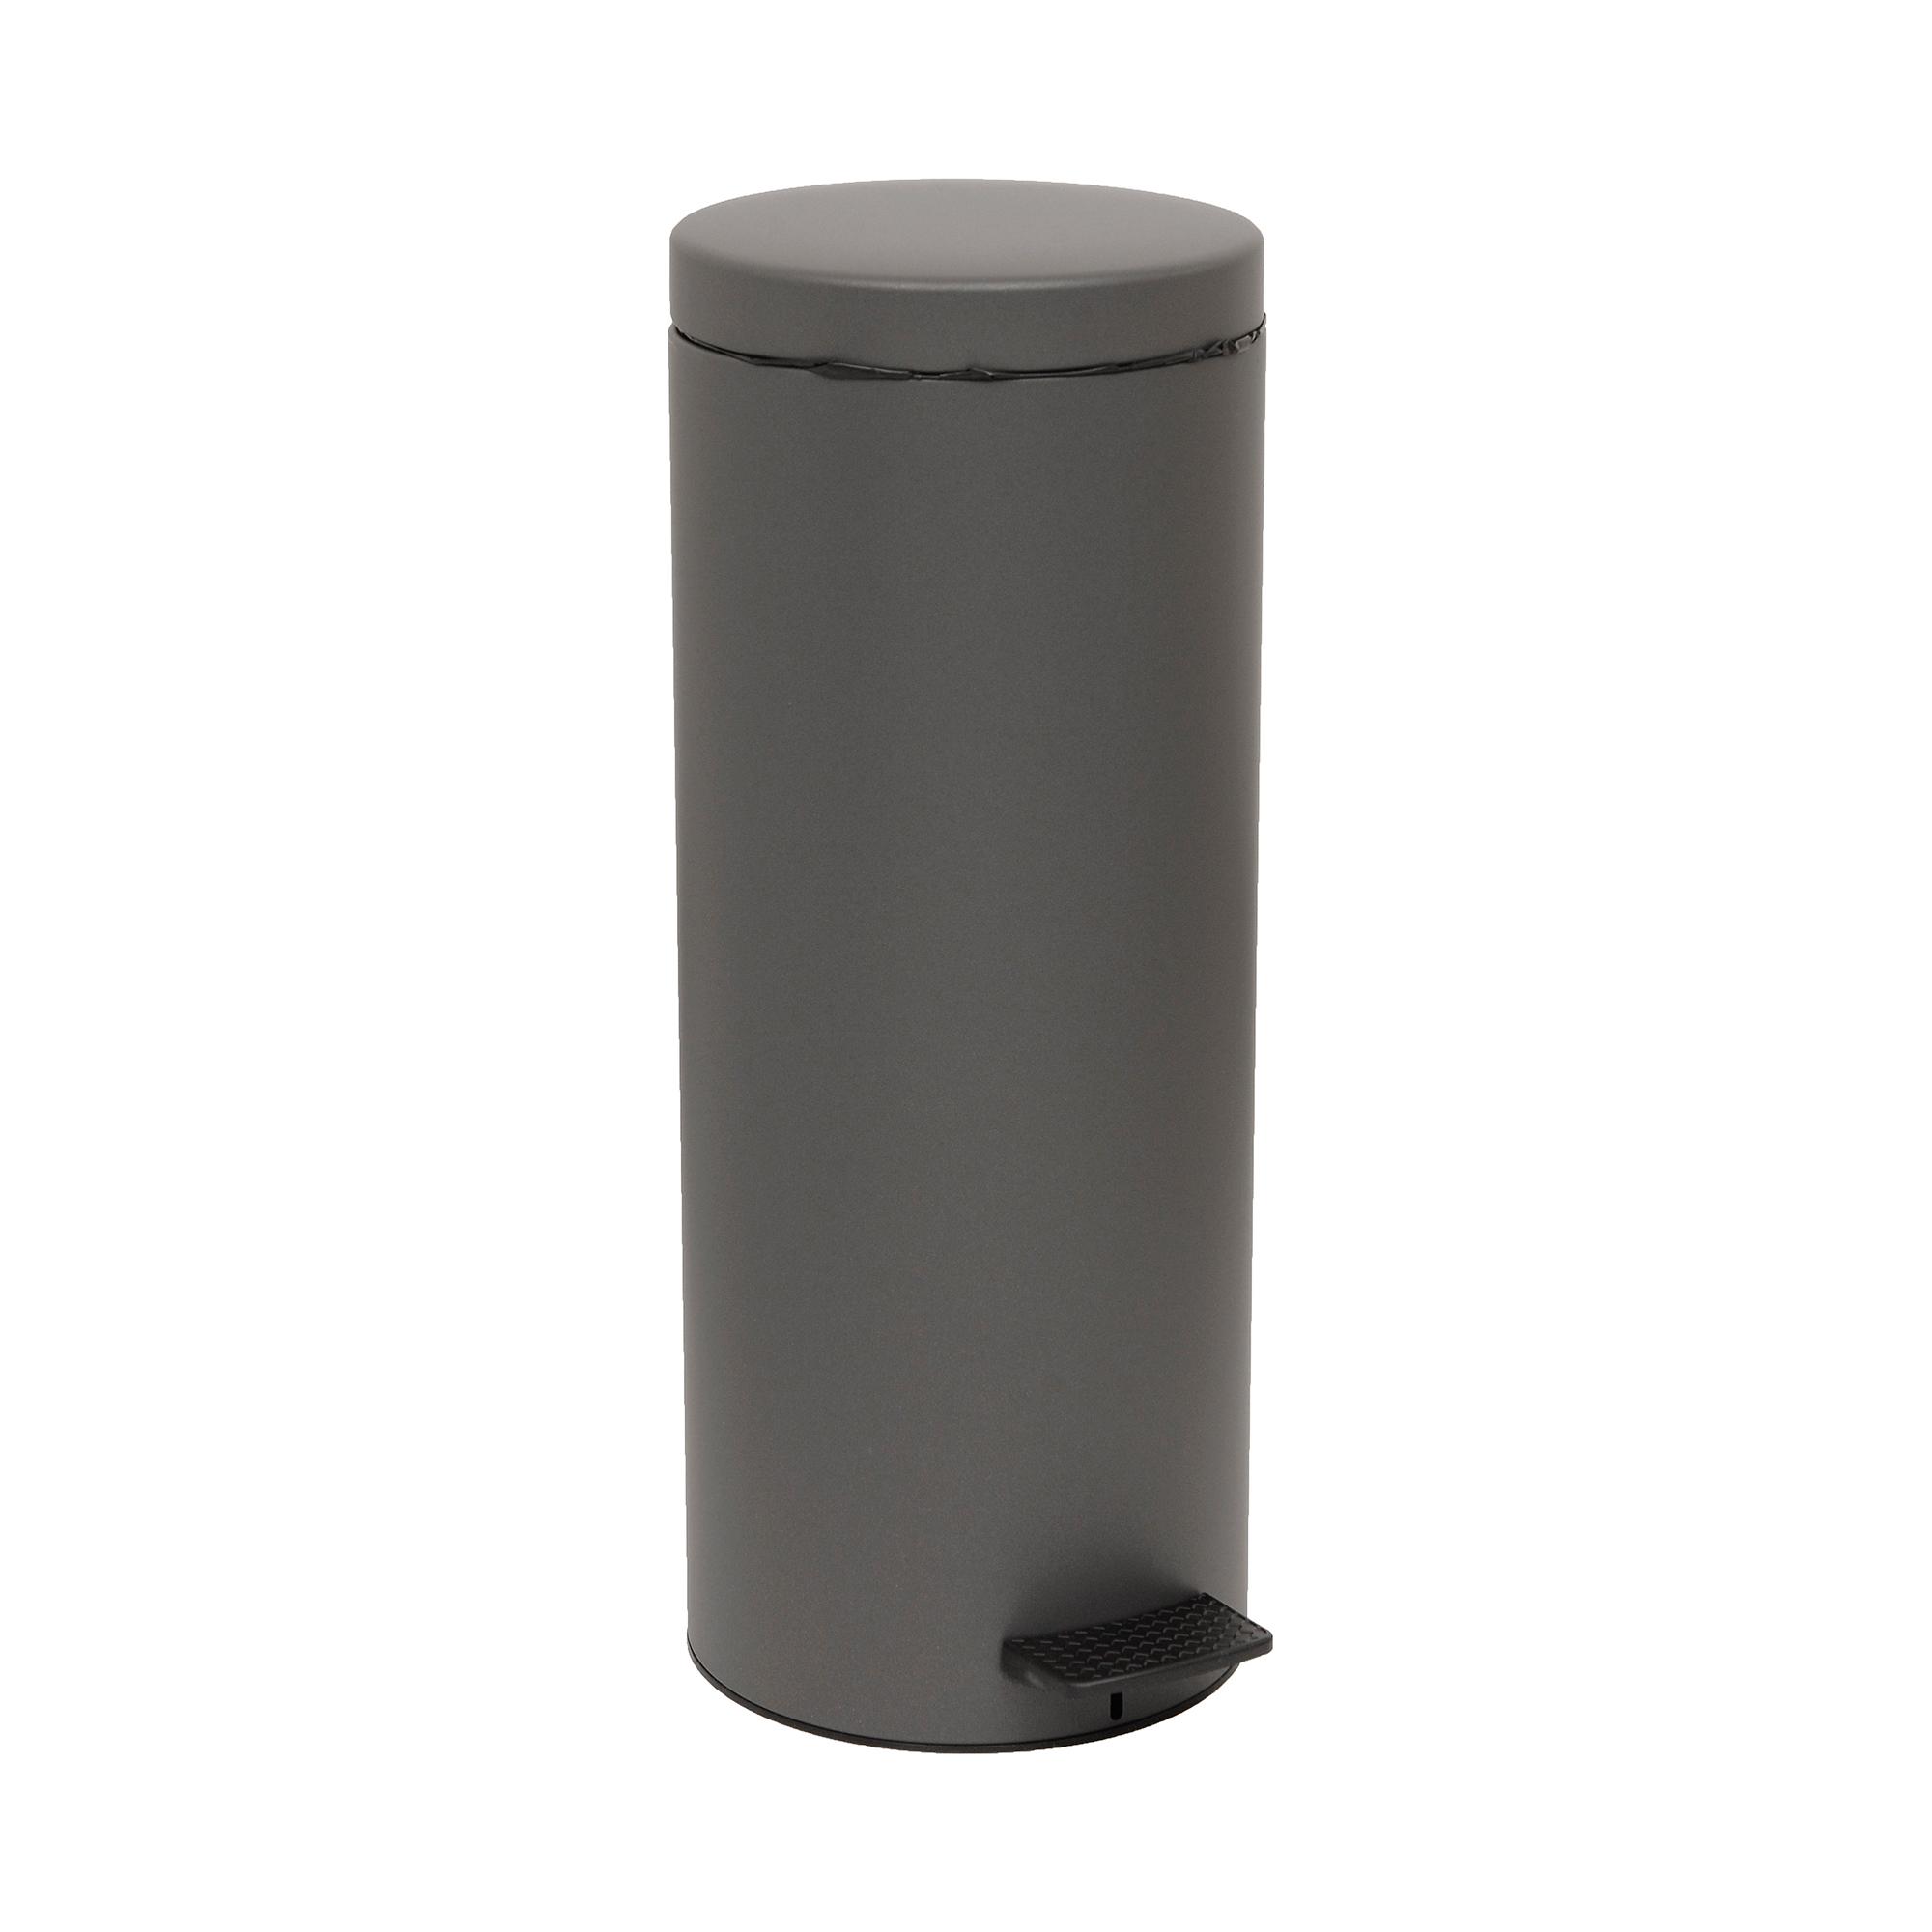 Κάδος Απορριμμάτων 16lit 20x53εκ. Pam & Co - Pam & Co - 16-2053-113 ειδη οικ  χρησησ κάδοι   καλάθια απορριμάτων